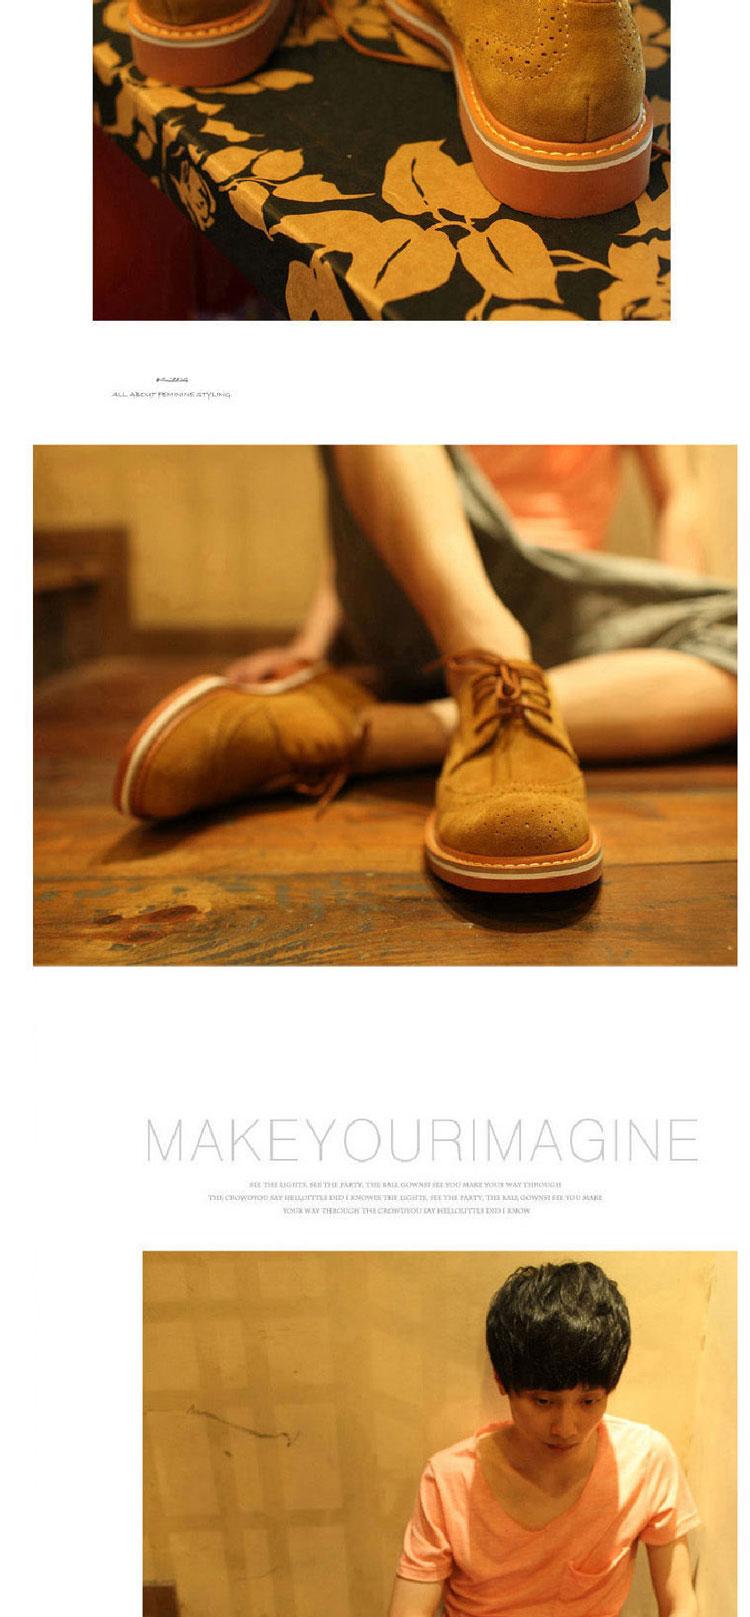 棕色布洛克皮鞋搭配